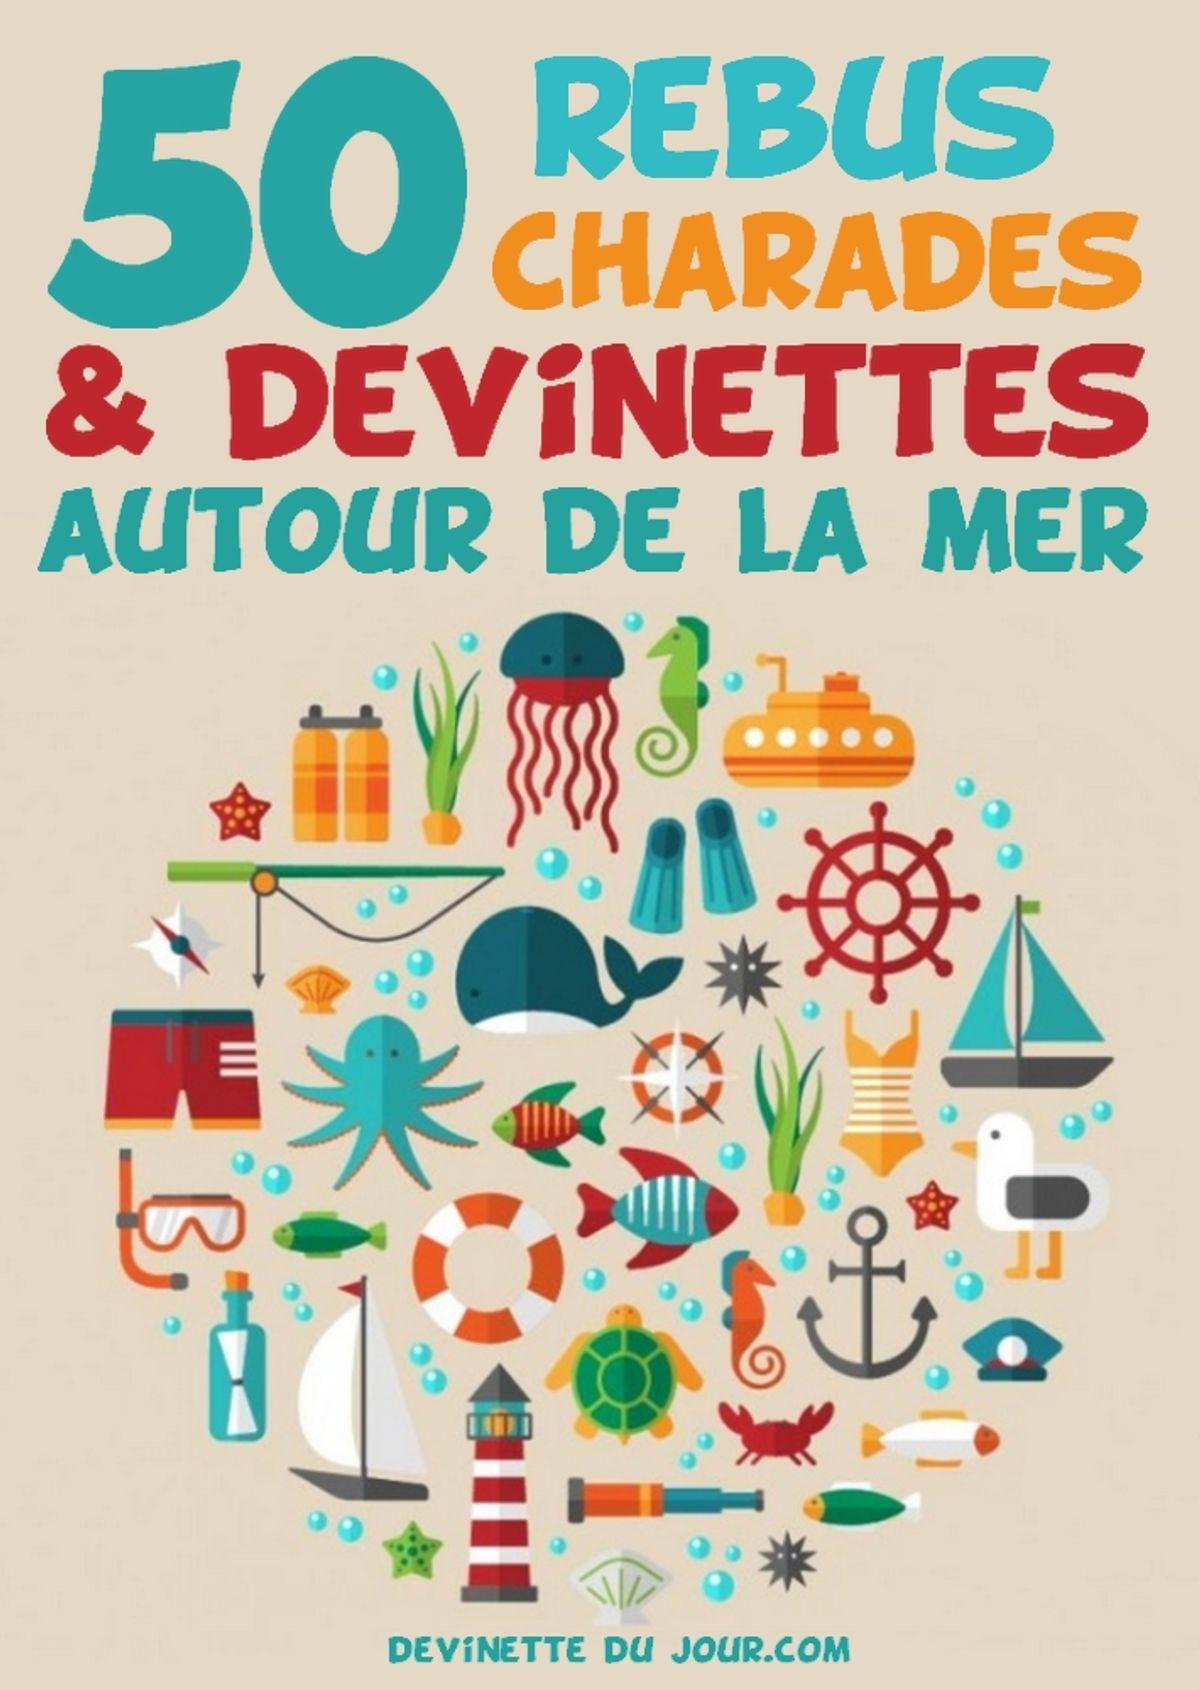 50 Devinettes, Rébus, Charades Autour De La Mer Ebook By Devinette Du Jour  - Rakuten Kobo à Rébus Facile